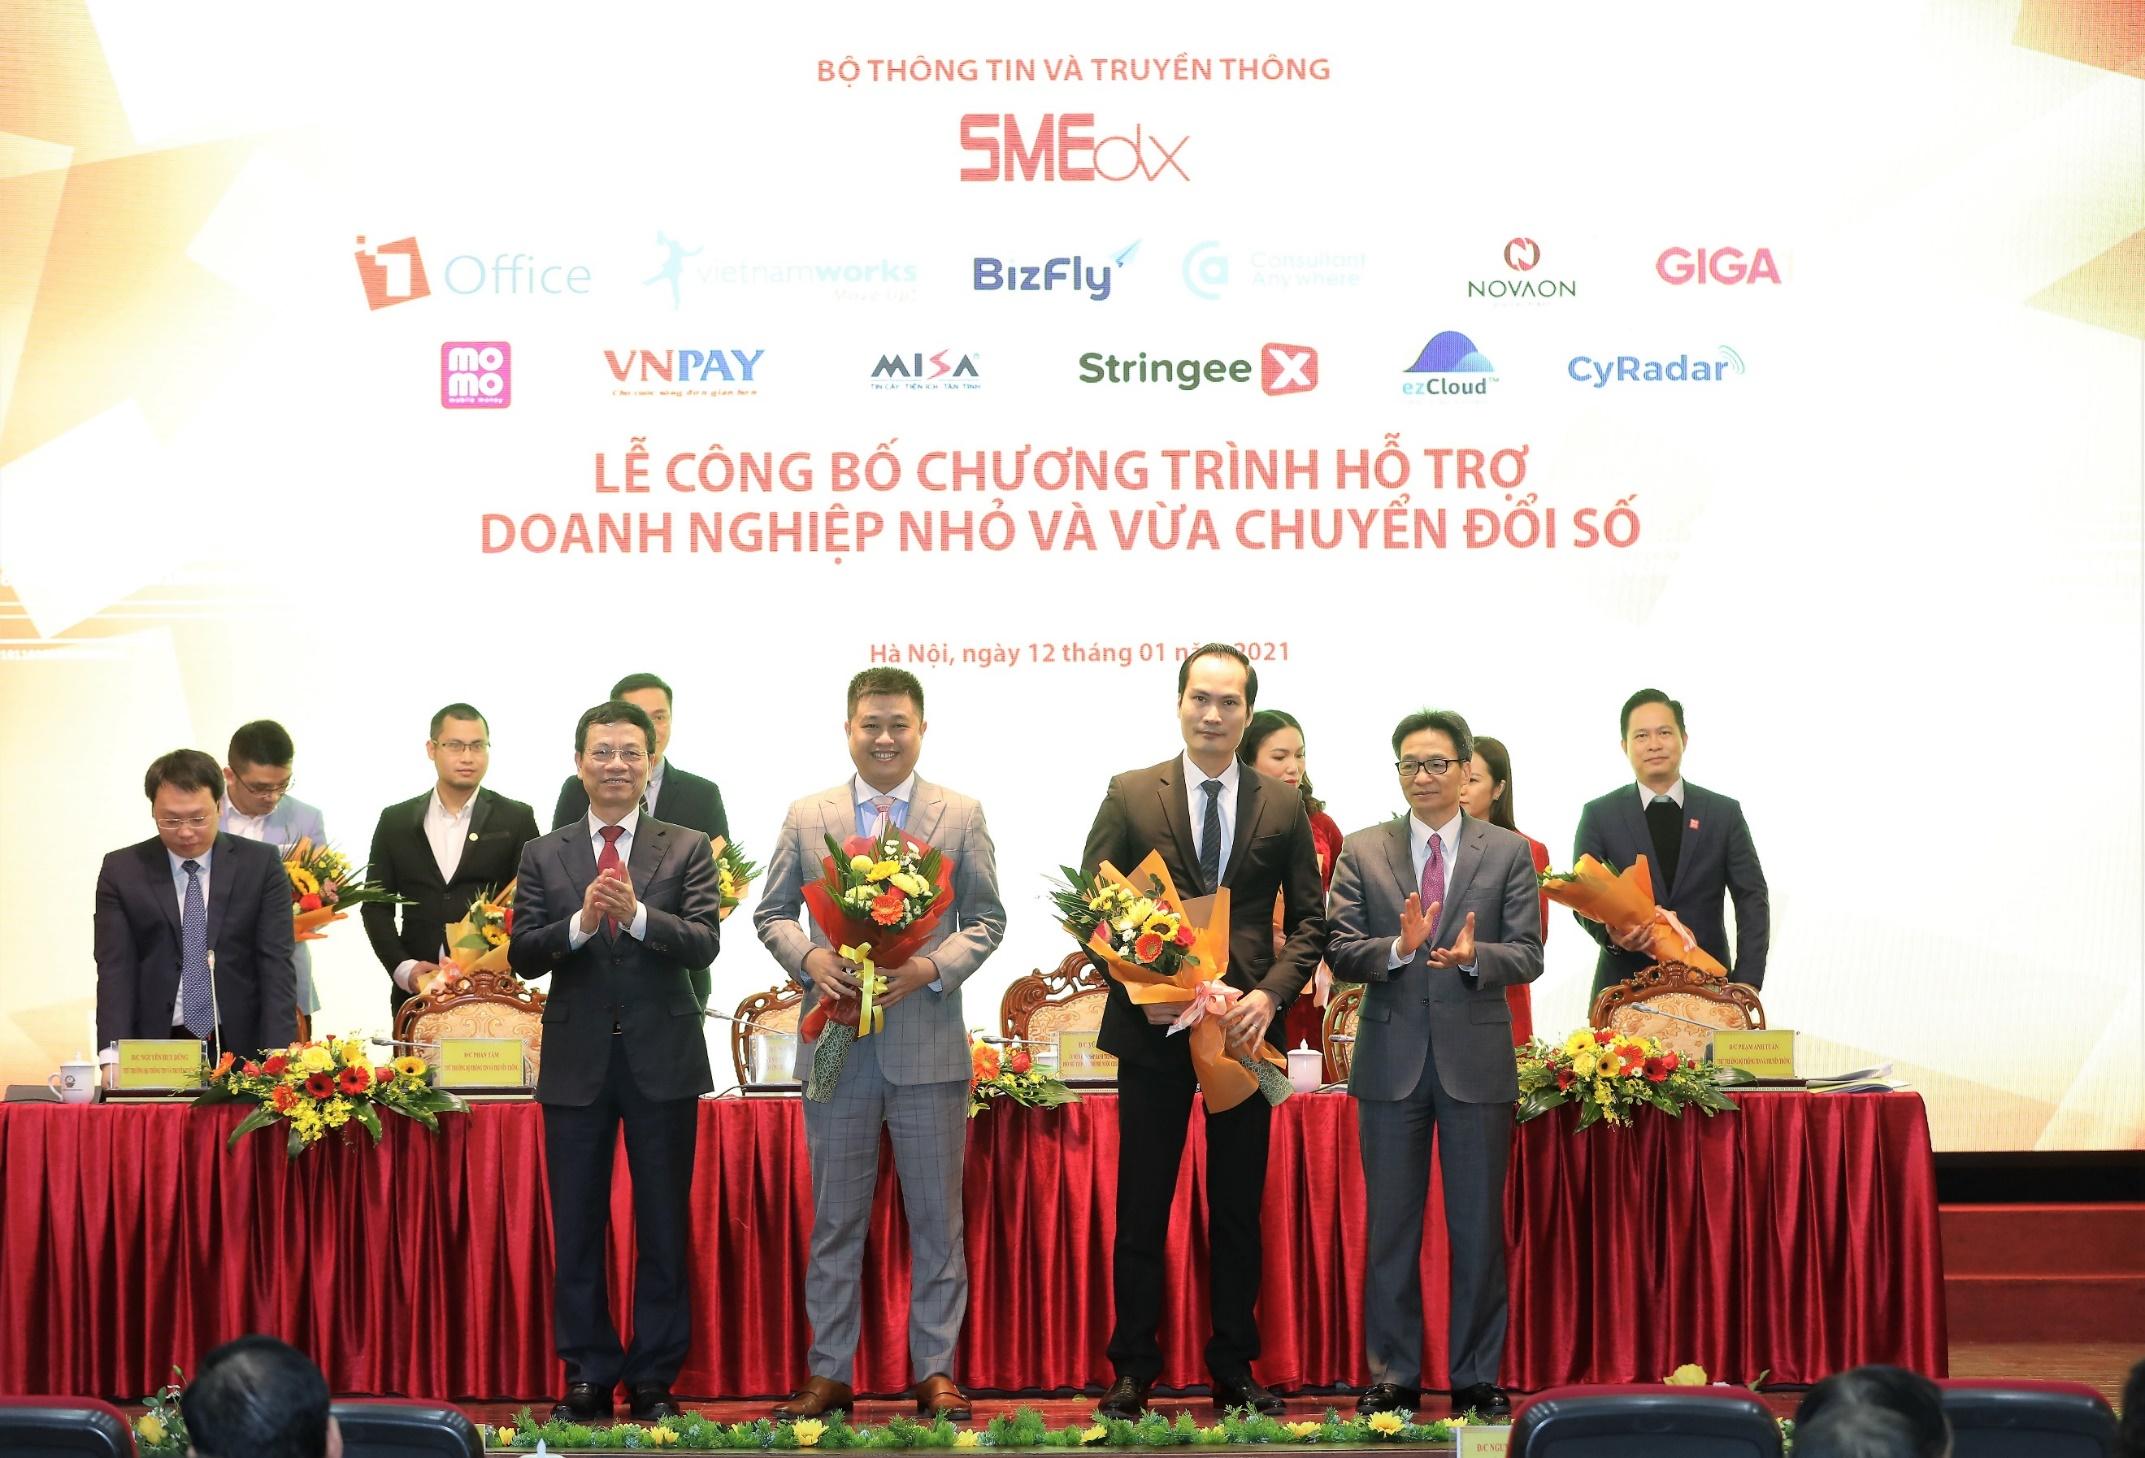 Bộ Thông tin Truyền thông lựa chọn Bizfly vào danh sách các nền tảng chuyển đổi số Make in Vietnam - Ảnh 1.